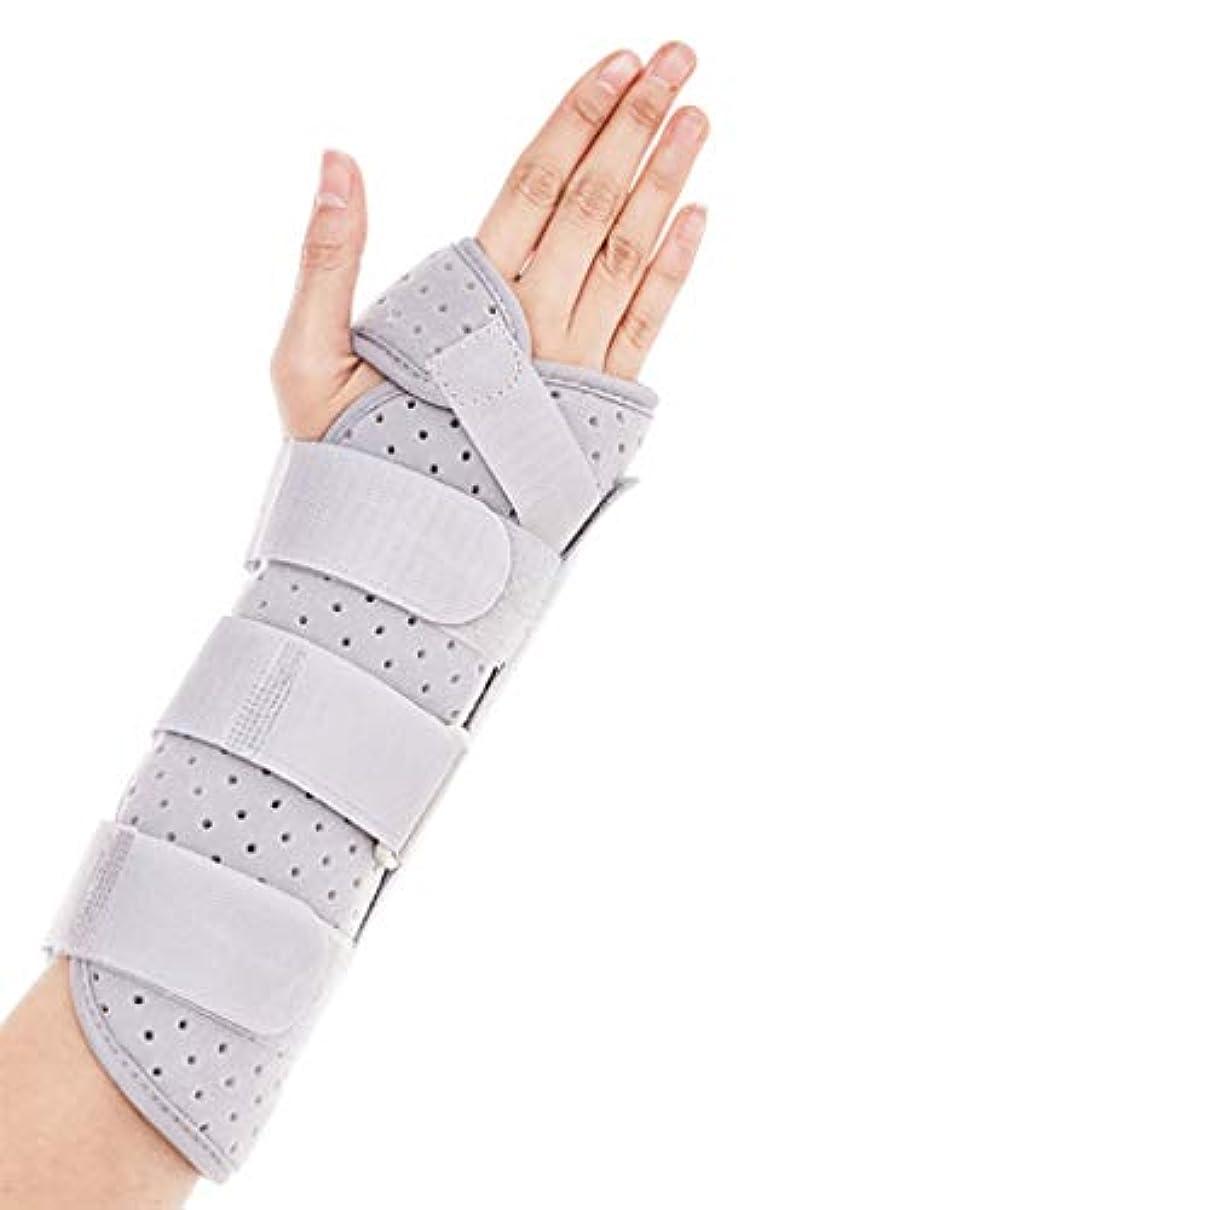 活性化不均一審判引き金のための指の袖サポートプロテクター指マレット指指のナックル固定指骨折創傷術後のケアと痛みの軽減,L